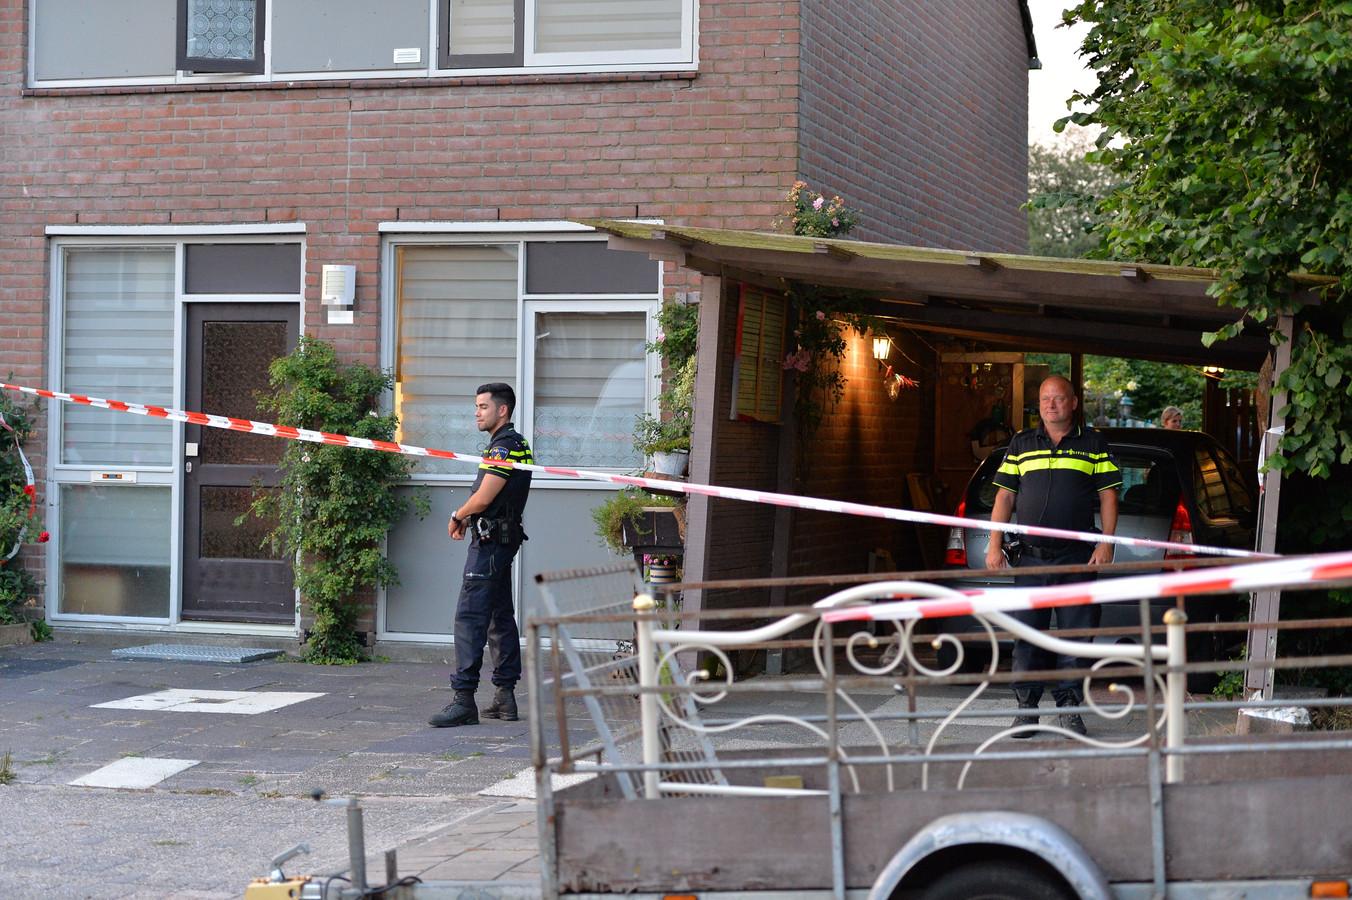 De politie bij de woning aan de Bronsgietersdonk in Apeldoorn waar het lichaam van de vrouw gevonden werd op 4 juli 2018.